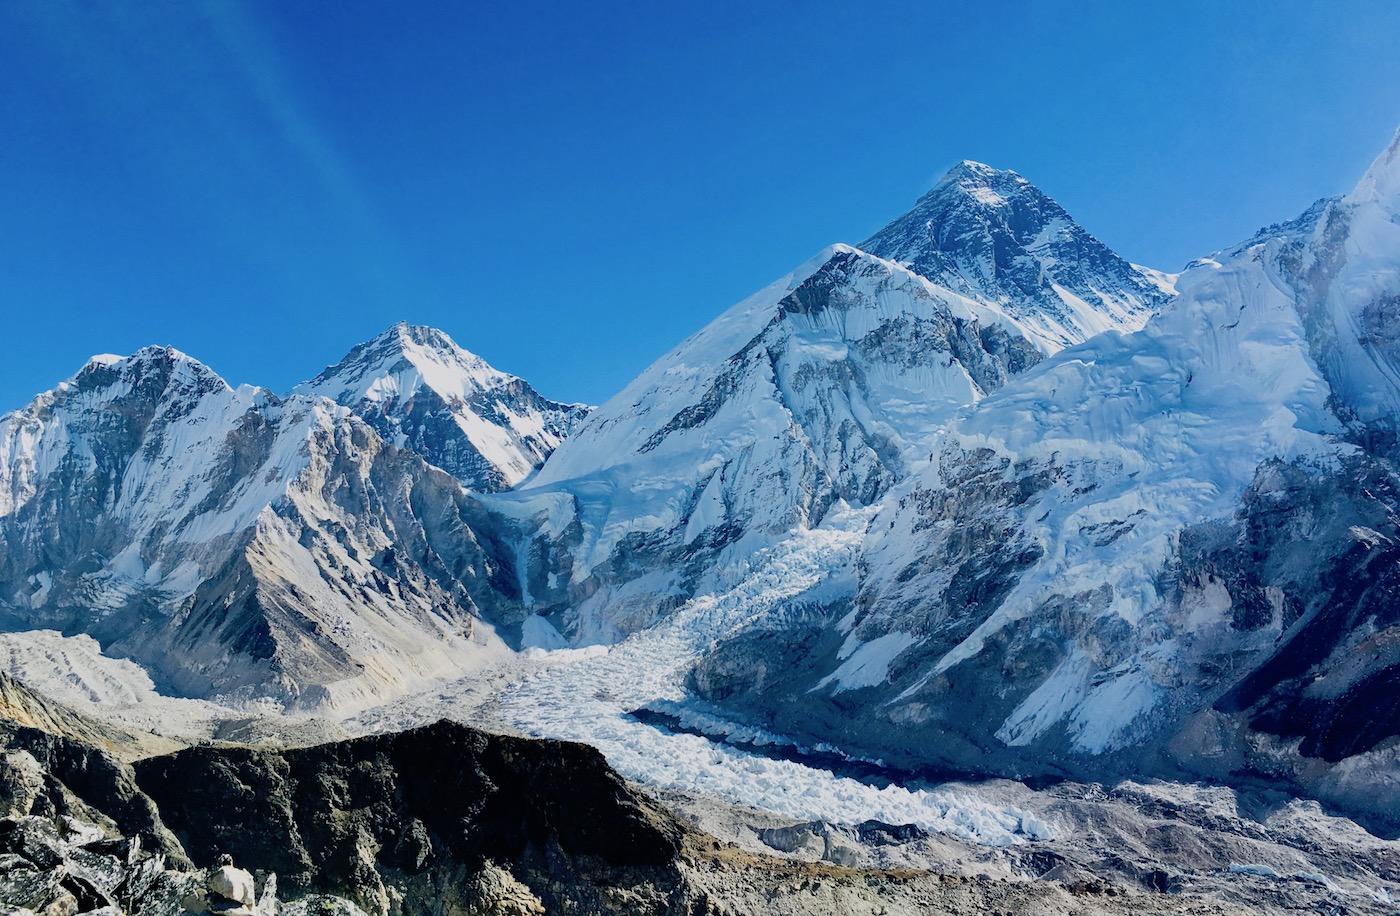 Everest e Khumbu glaciar, vistos de Kalapathar. Foto: Patti